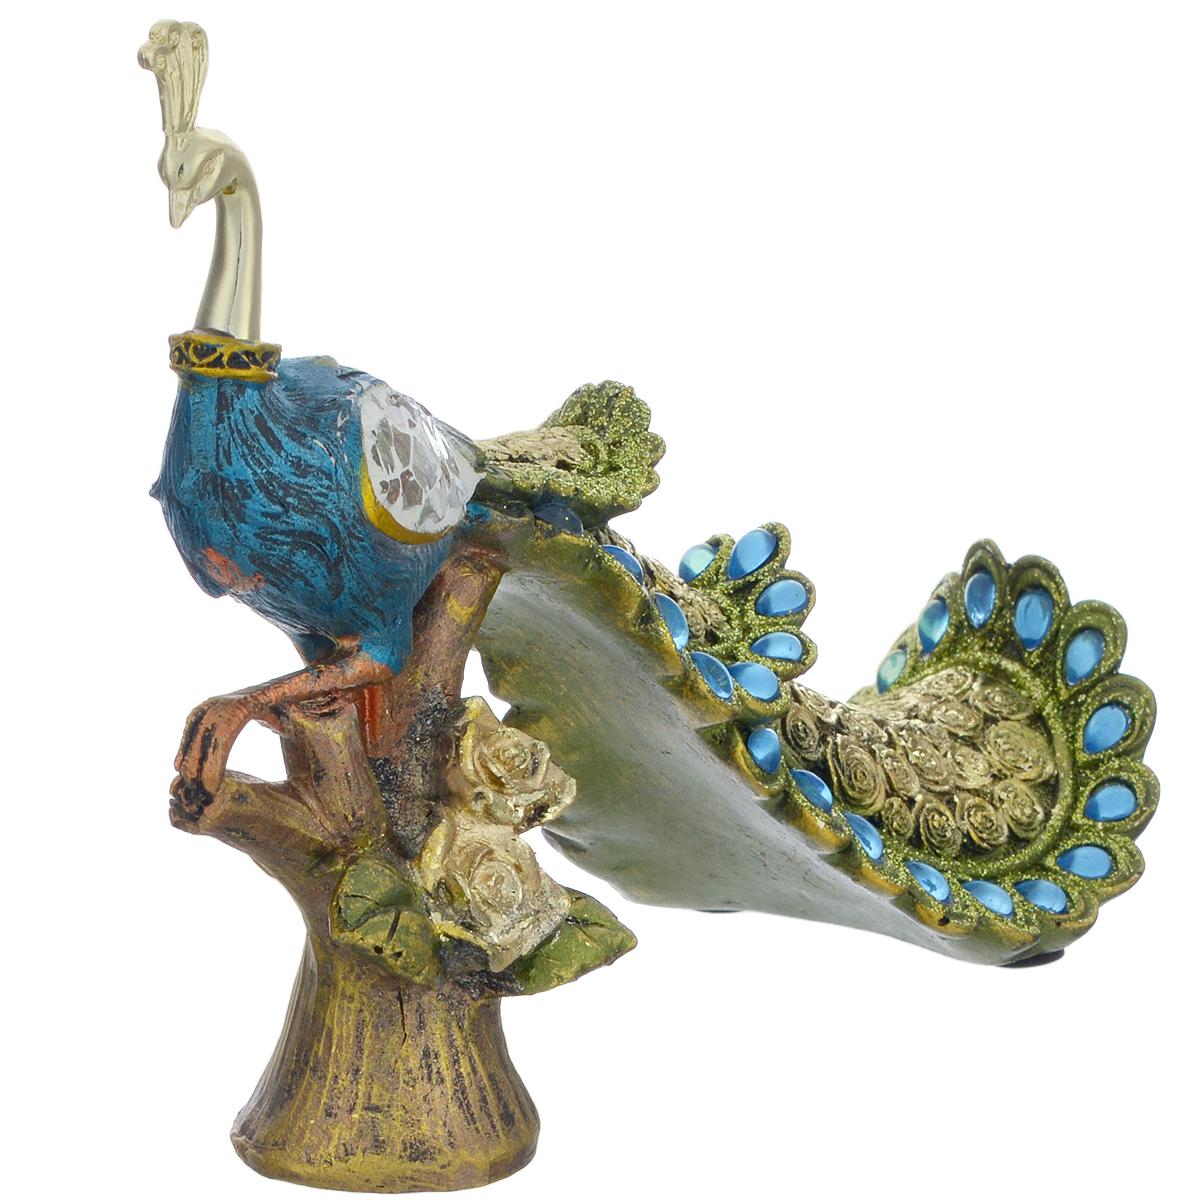 Фигурка декоративная Molento Райская птица, высота 14 смTHN132NДекоративная фигура Molento Райская птица, изготовленная из полистоуна, позволит вам украсить интерьер дома, рабочего кабинета или любого другого помещения оригинальным образом. Изделие, выполненное в виде павлина, оформлено рельефным рисунком, блестками, стразами и зеркальной россыпью.С такой декоративной фигурой вы сможете не просто внести в интерьер элемент оригинальности, но и создать атмосферу загадочности и изысканности.Размер фигурки: 19 см х 7 см х 20,5 см.